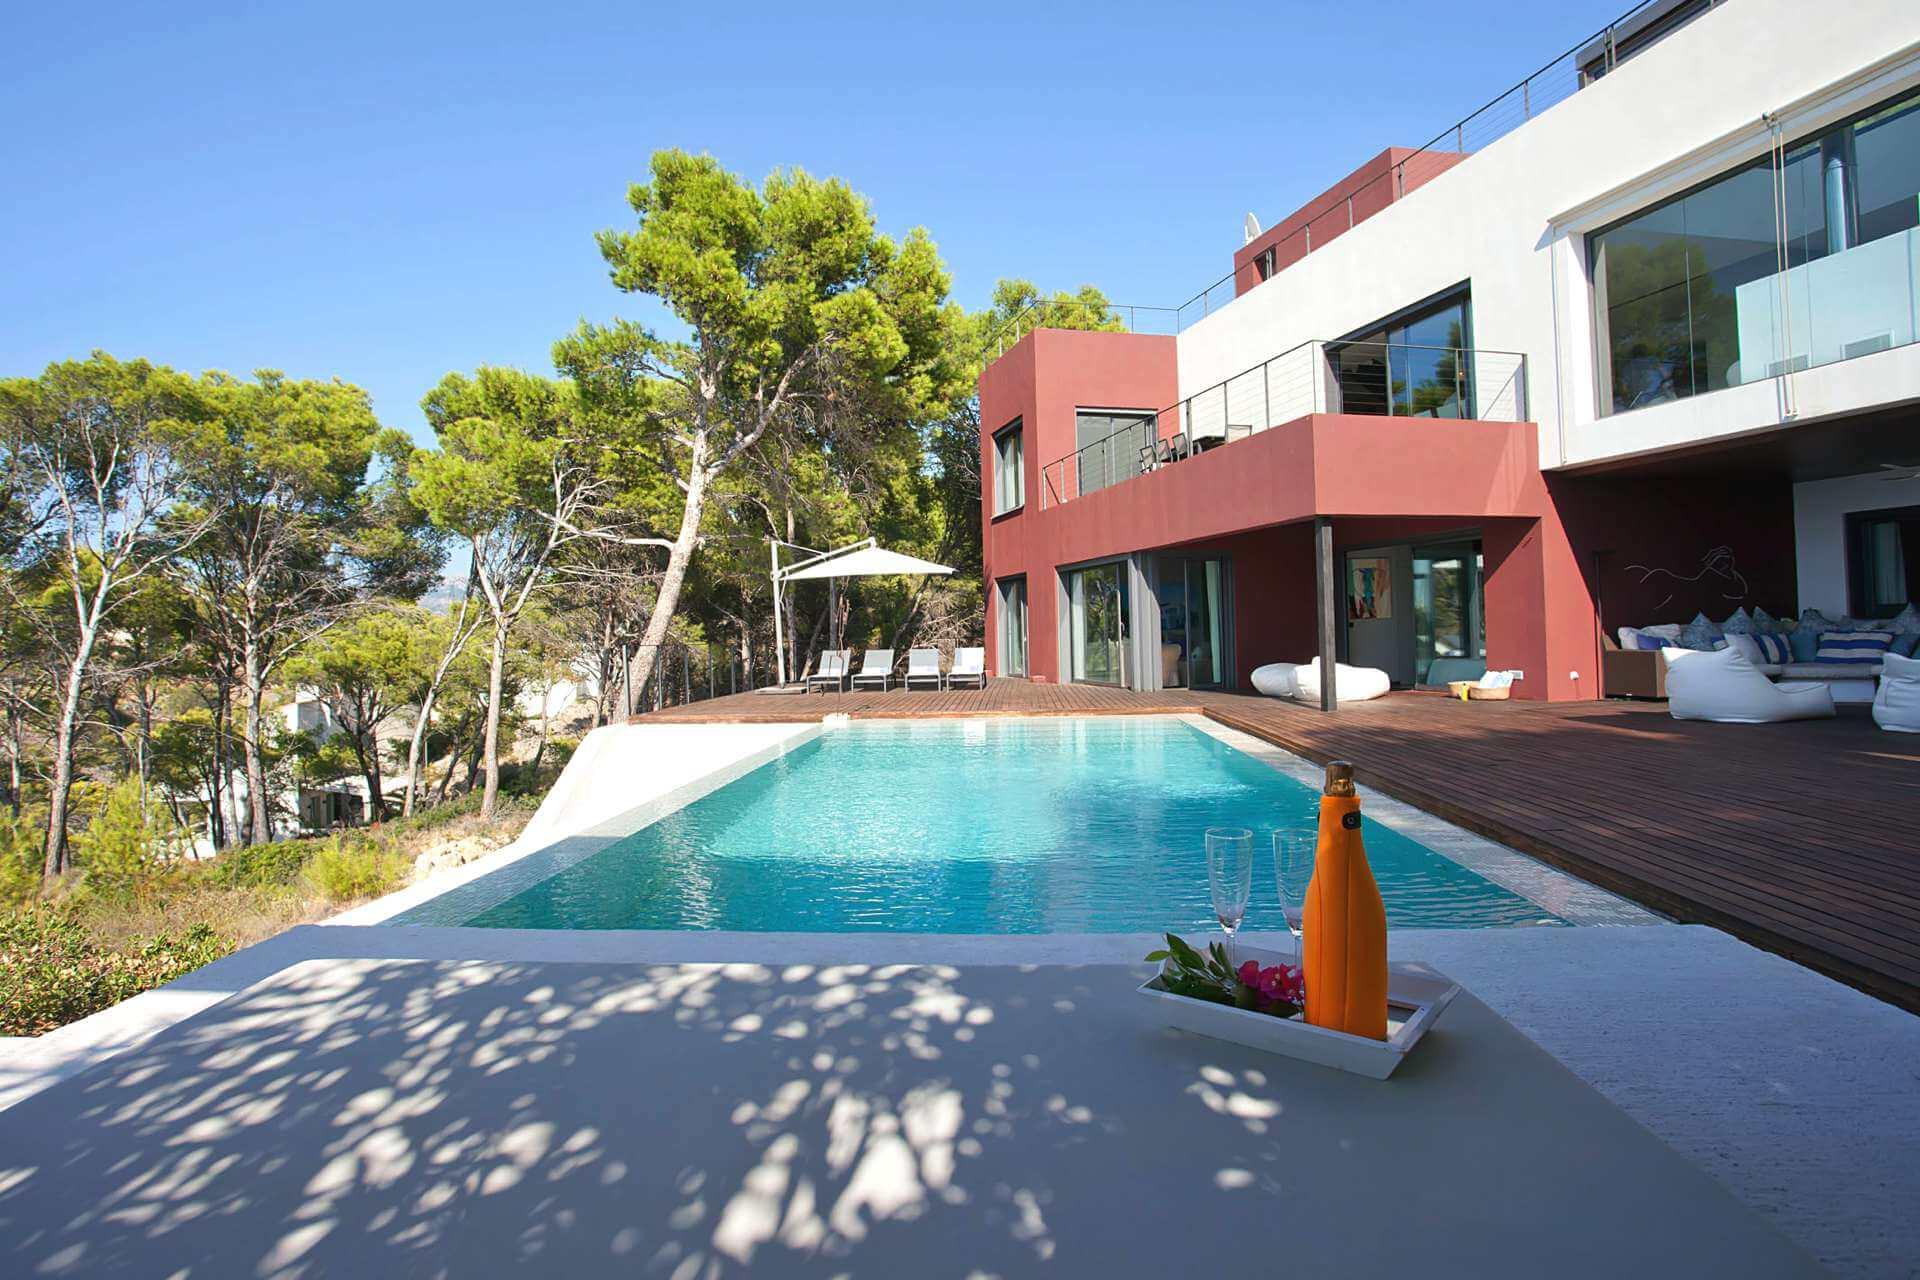 01-332 Sea view Villa Mallorca southwest Bild 6